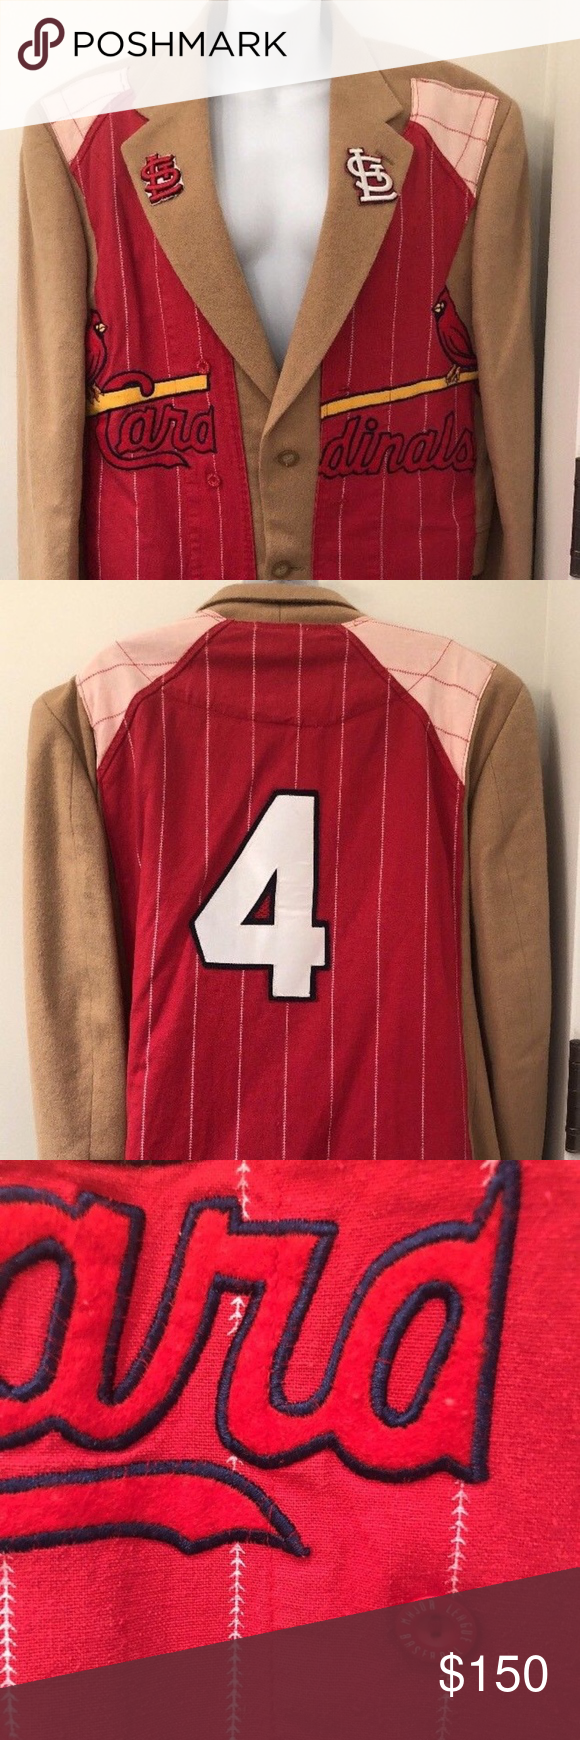 11725f3d6 St Louis Cardinals Jersey custom blazer jacket St Louis Cardinals Jersey  custom blazer jacket Pure camel